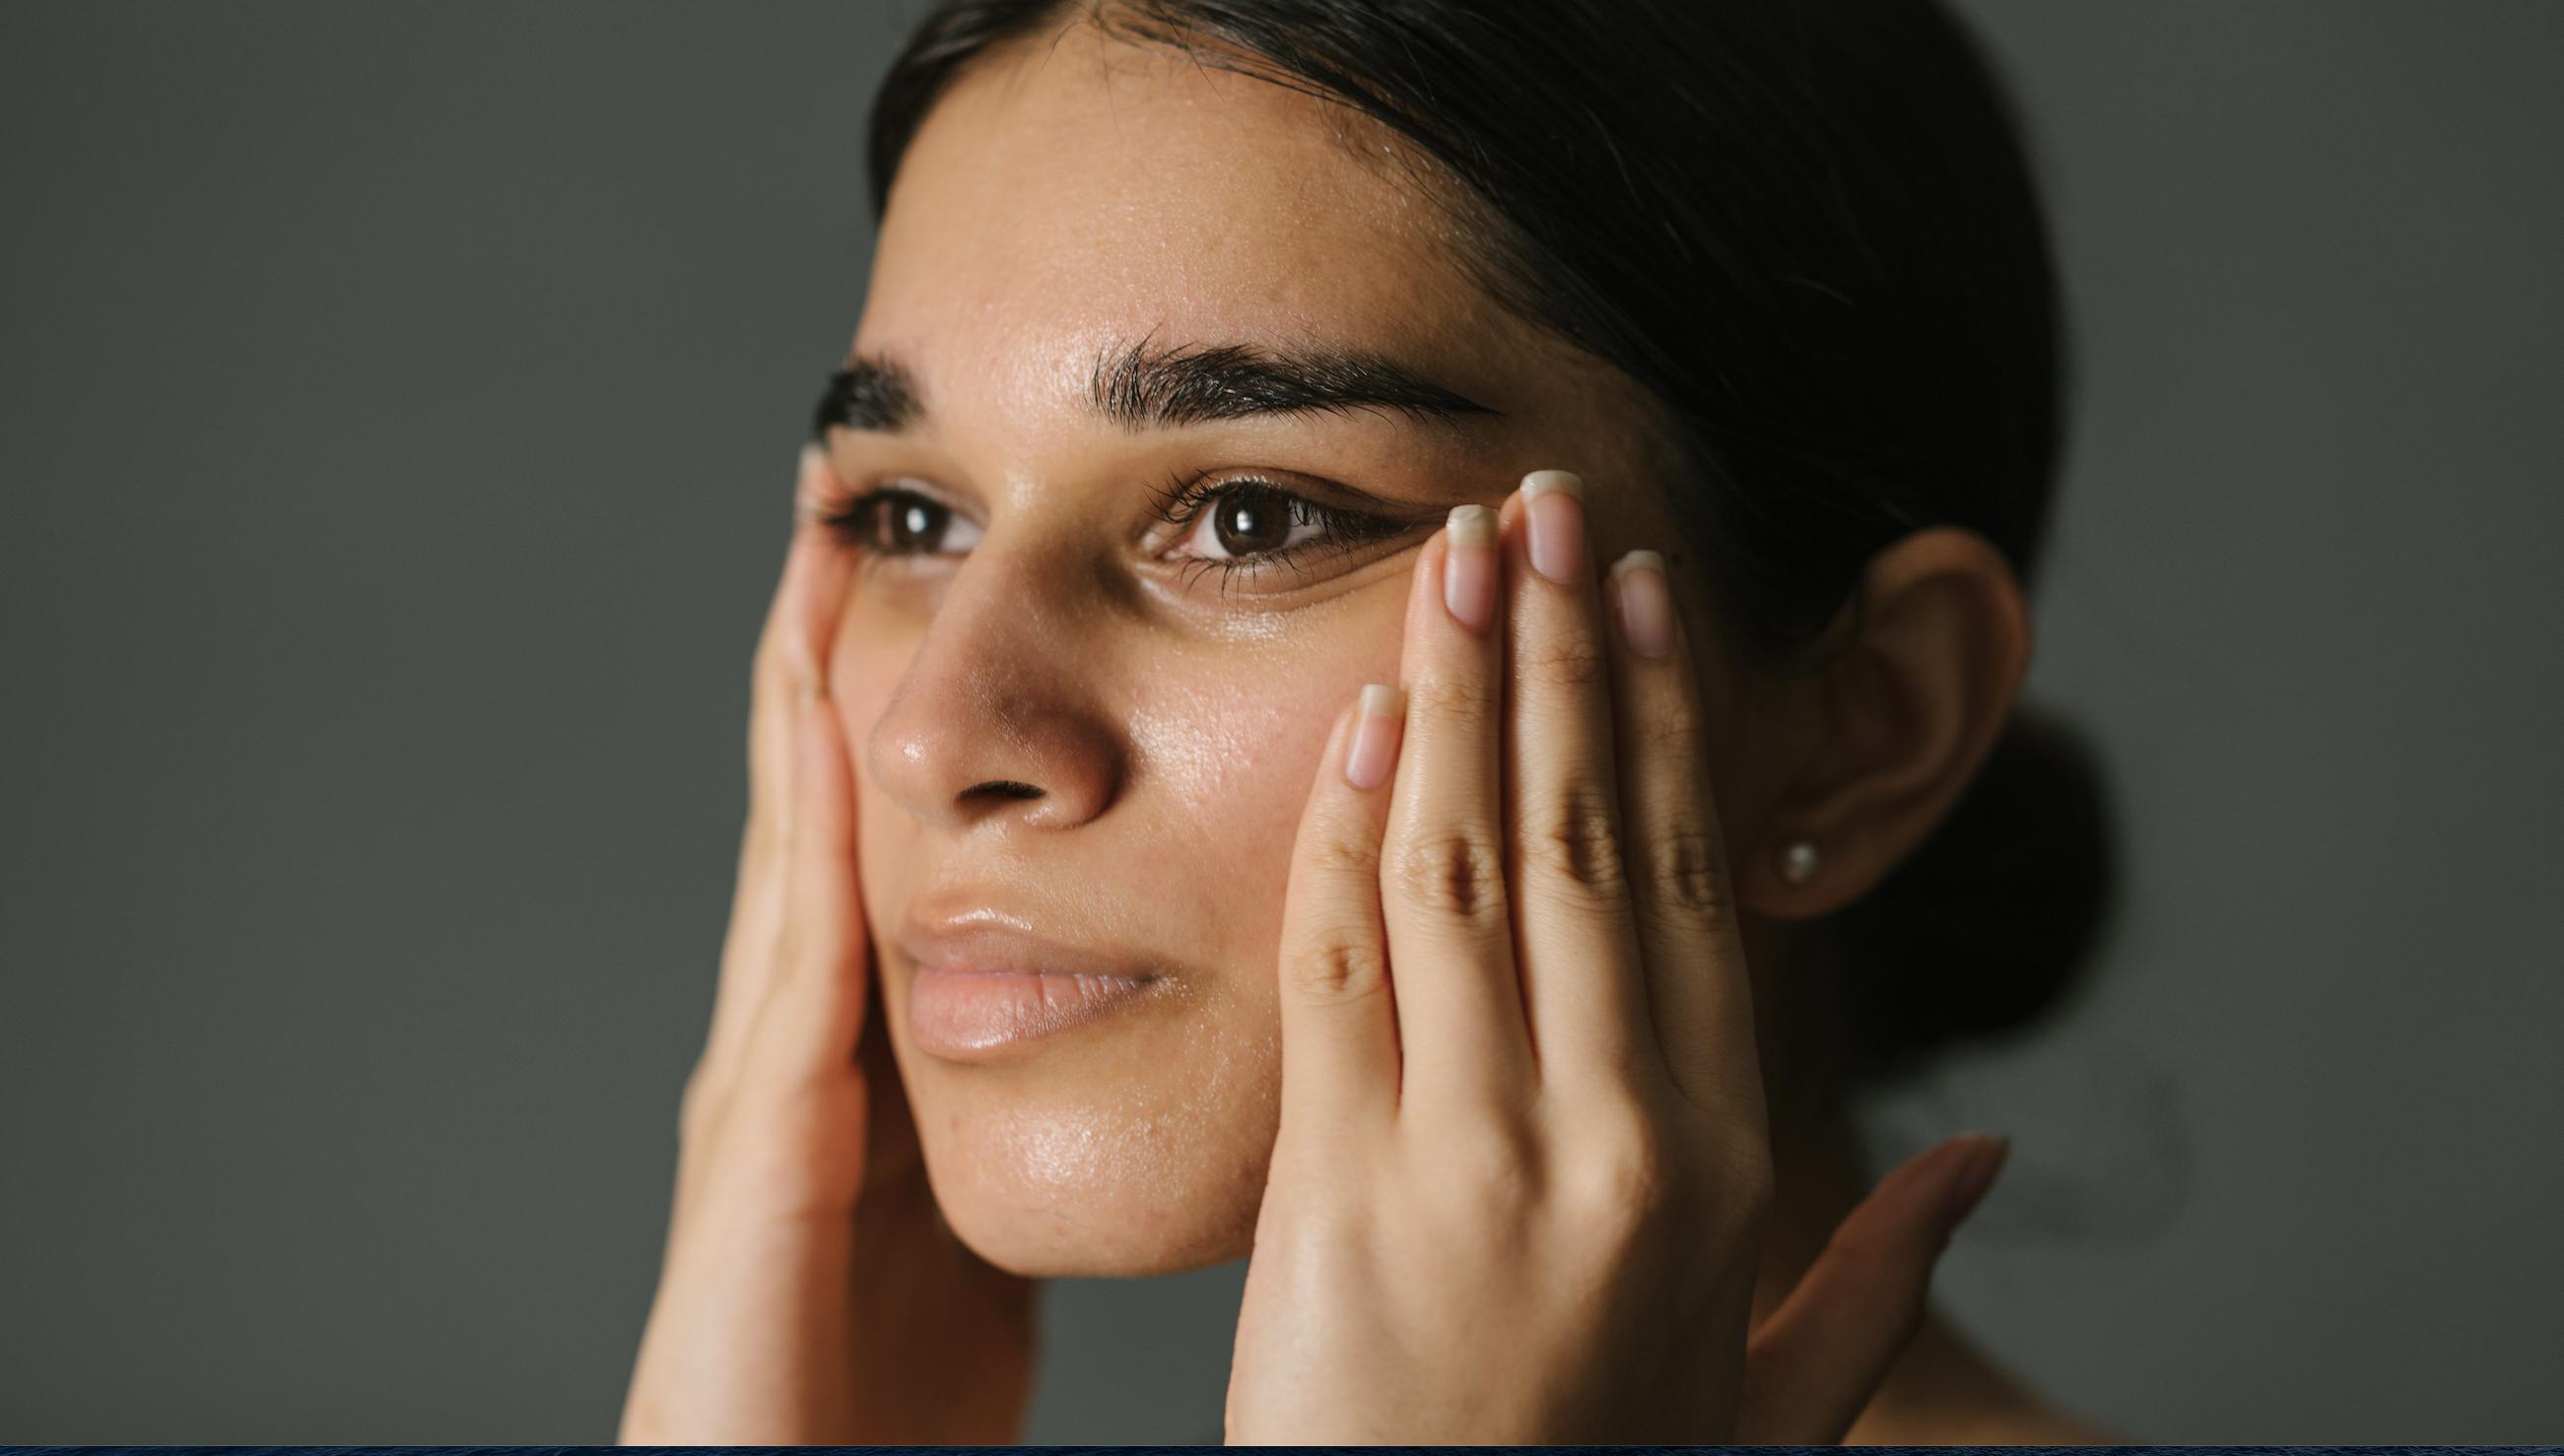 Kikészíti a bőröd a maszk hordása? 4 lépés, hogy szép legyél